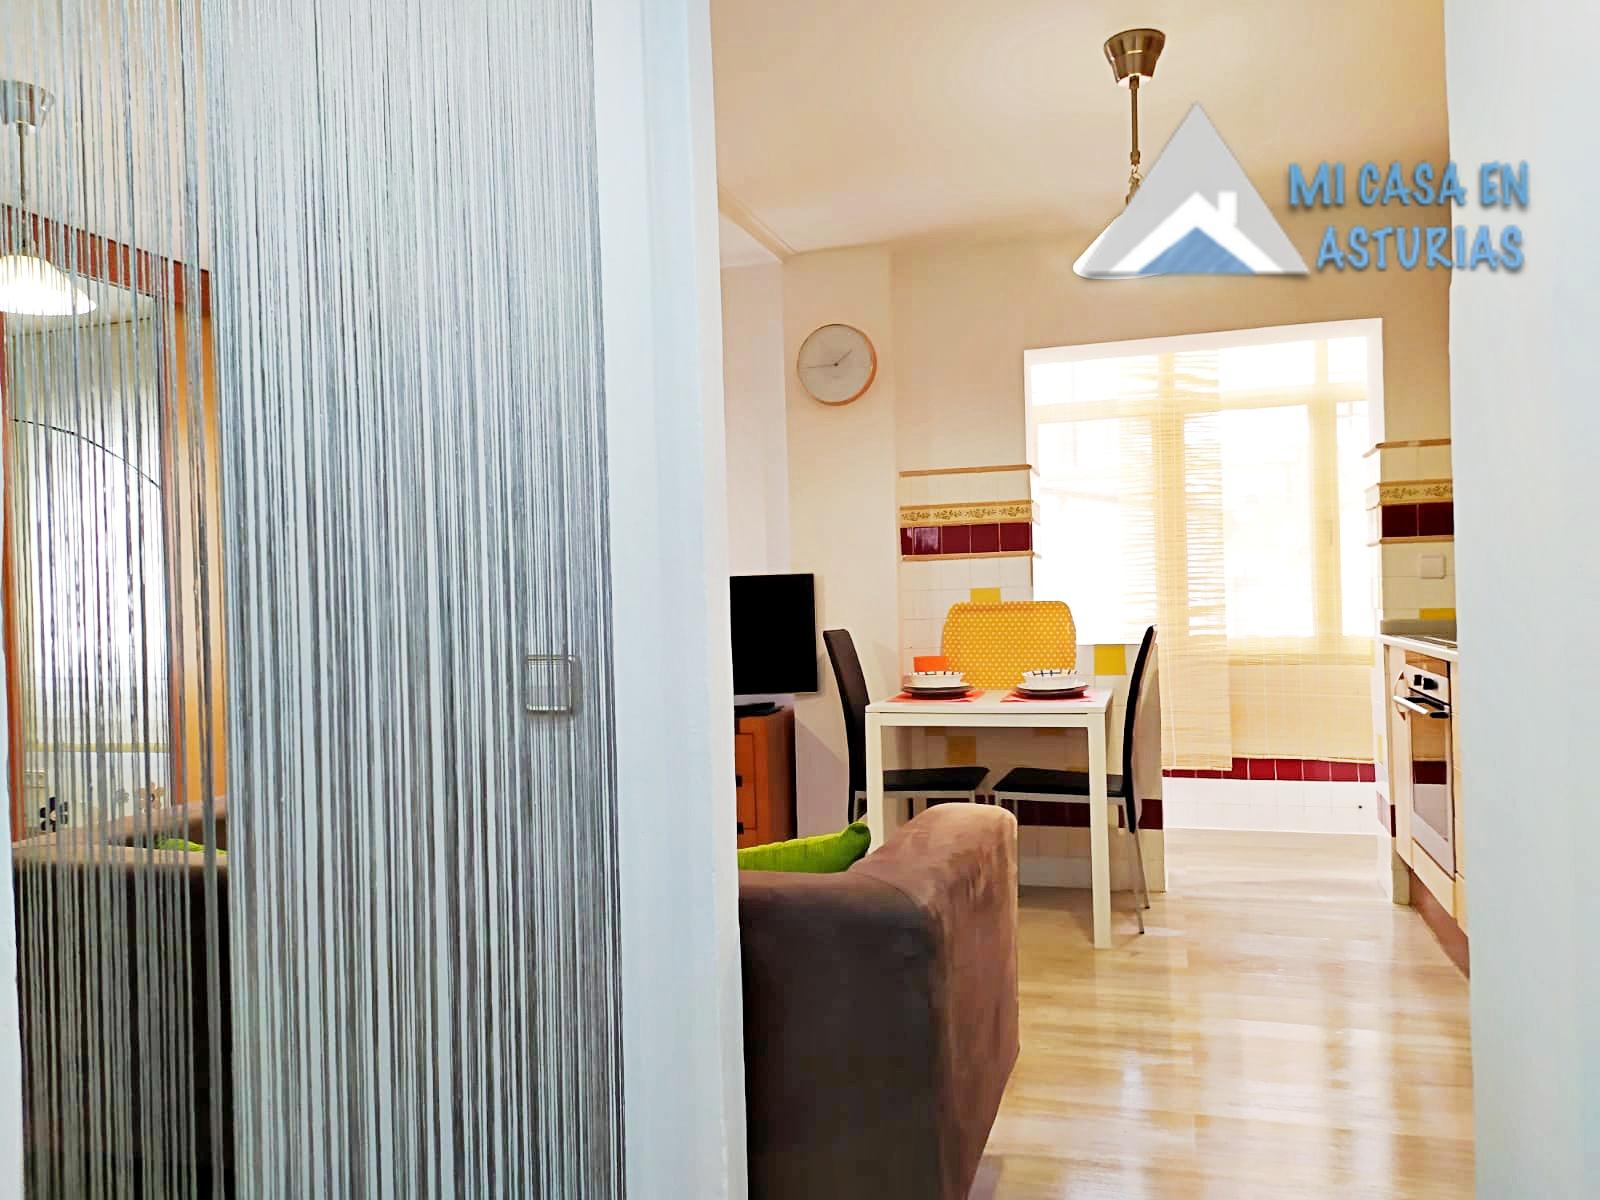 Alquiler de precioso Estudio amueblado, ubicado en la Zona de Teatinos, Oviedo.